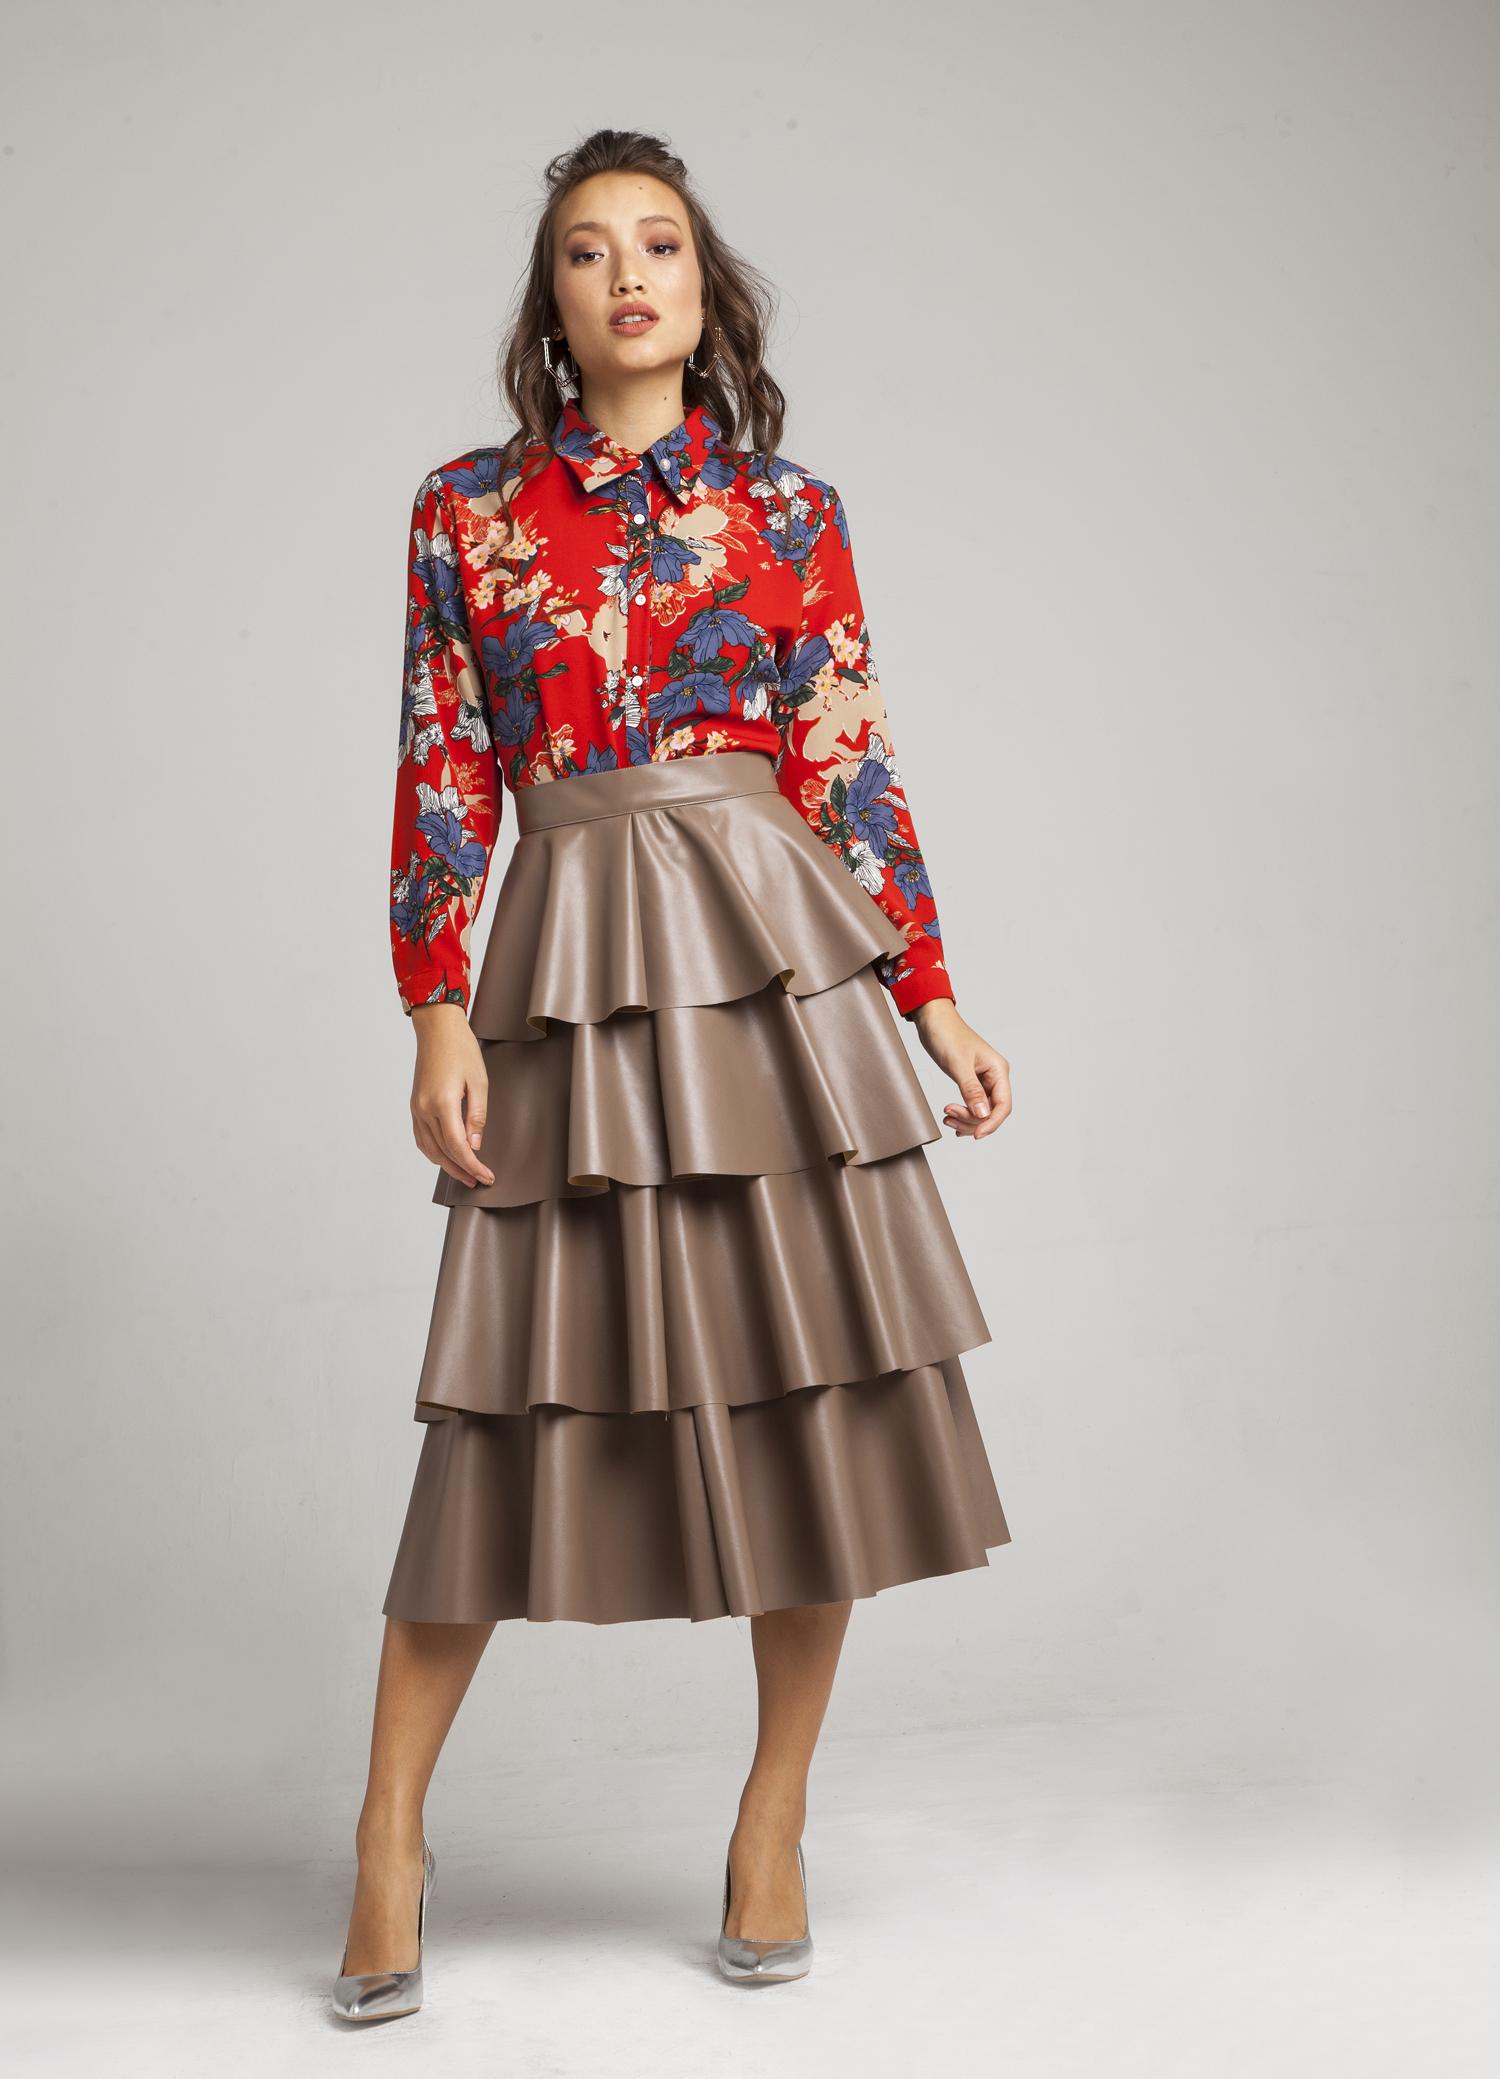 הראפלס - חצאיות הראפלס, השכבות, הן חצאיות הבנויות מקומות של וולאנים, מתכתבות עם חצאיות המעטפת שהן מאותה המשפחה.תמצאו אותן העונה במגוון אופציות,עשויותבדים דמויי עור, משובצות, וכמובן עםשקיפויות שונות של טול ותחרה. המראה שנוצר בשילוב עם החצאית הוא בלתי נשכח ומלא בנוכחות, ועדיין, בשילוב קלאסיקות כמו חולצה מכופתרת, אימונית מודפסת, או חולצת טי שירט בוודאי, המראה ישמור על עדכניות נטולת מאמץ. תתאים ביחוד לבעלות מותן צרה, וגבוהות, עם חולצה בפנים. נפלאהלאירוע מיוחד, בשילובטופ מהודר, ונעלי סטילטו או מגפוניםבתמונה:TOPPATSU.com צילום: אלון ראובני